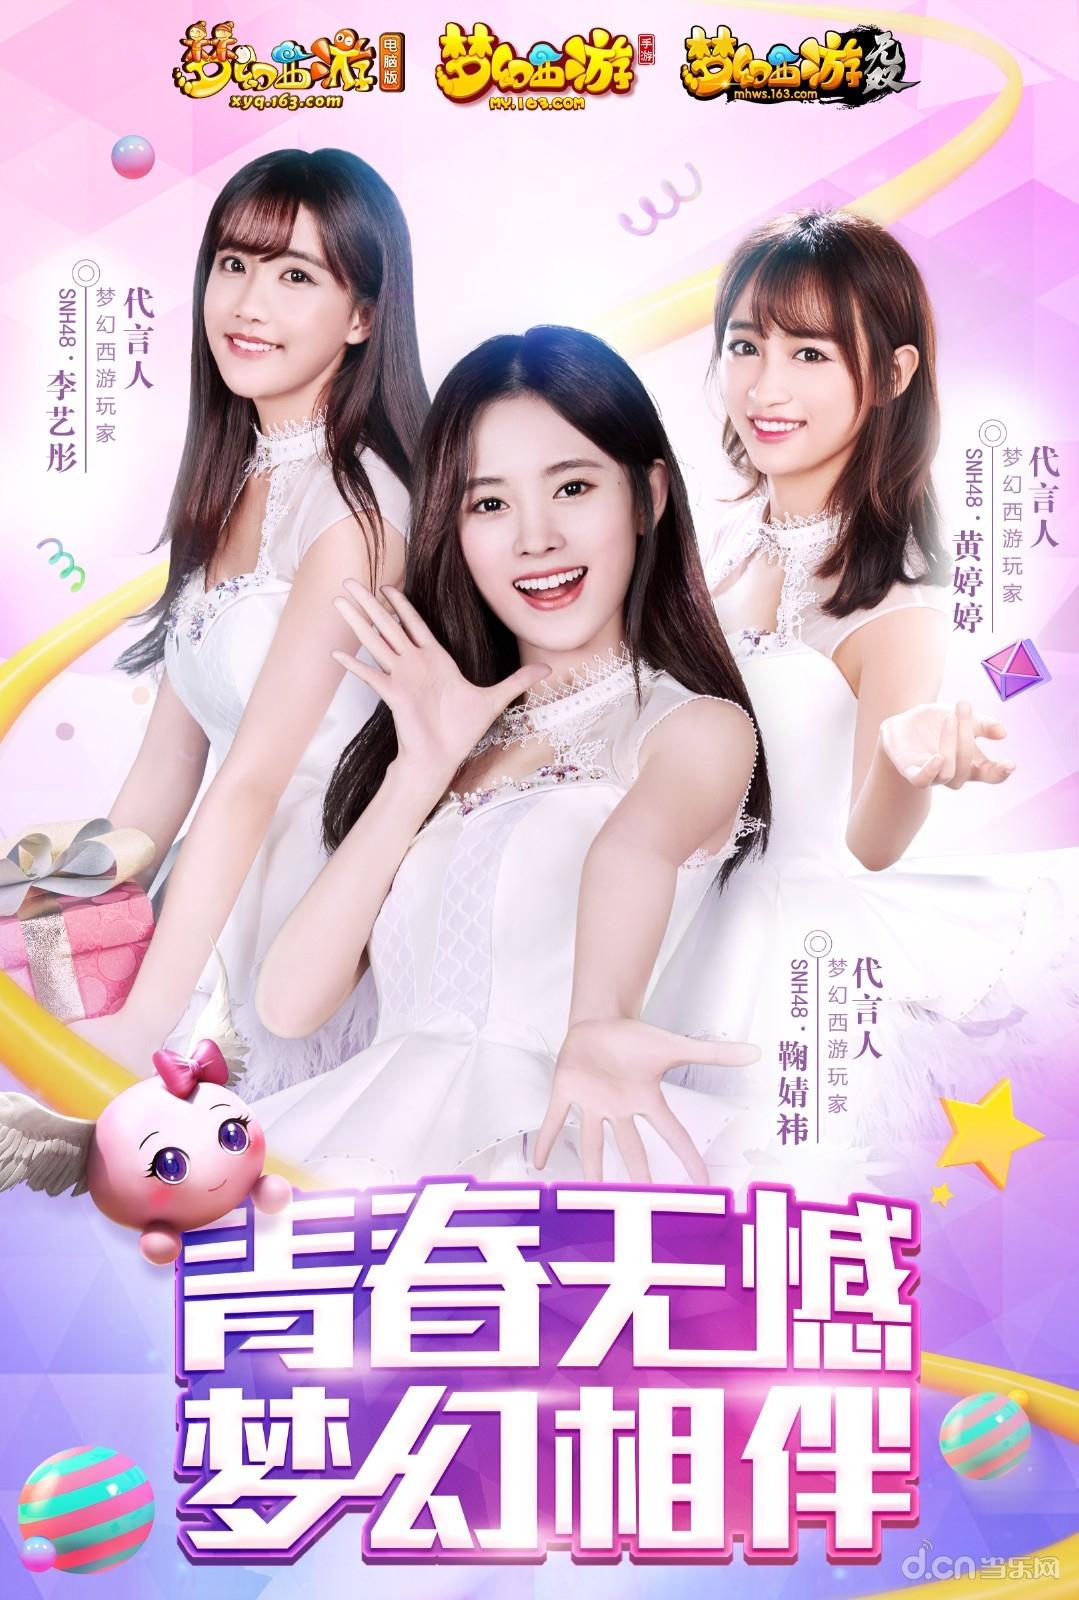 《梦幻西游》snh48代言海报正式公布